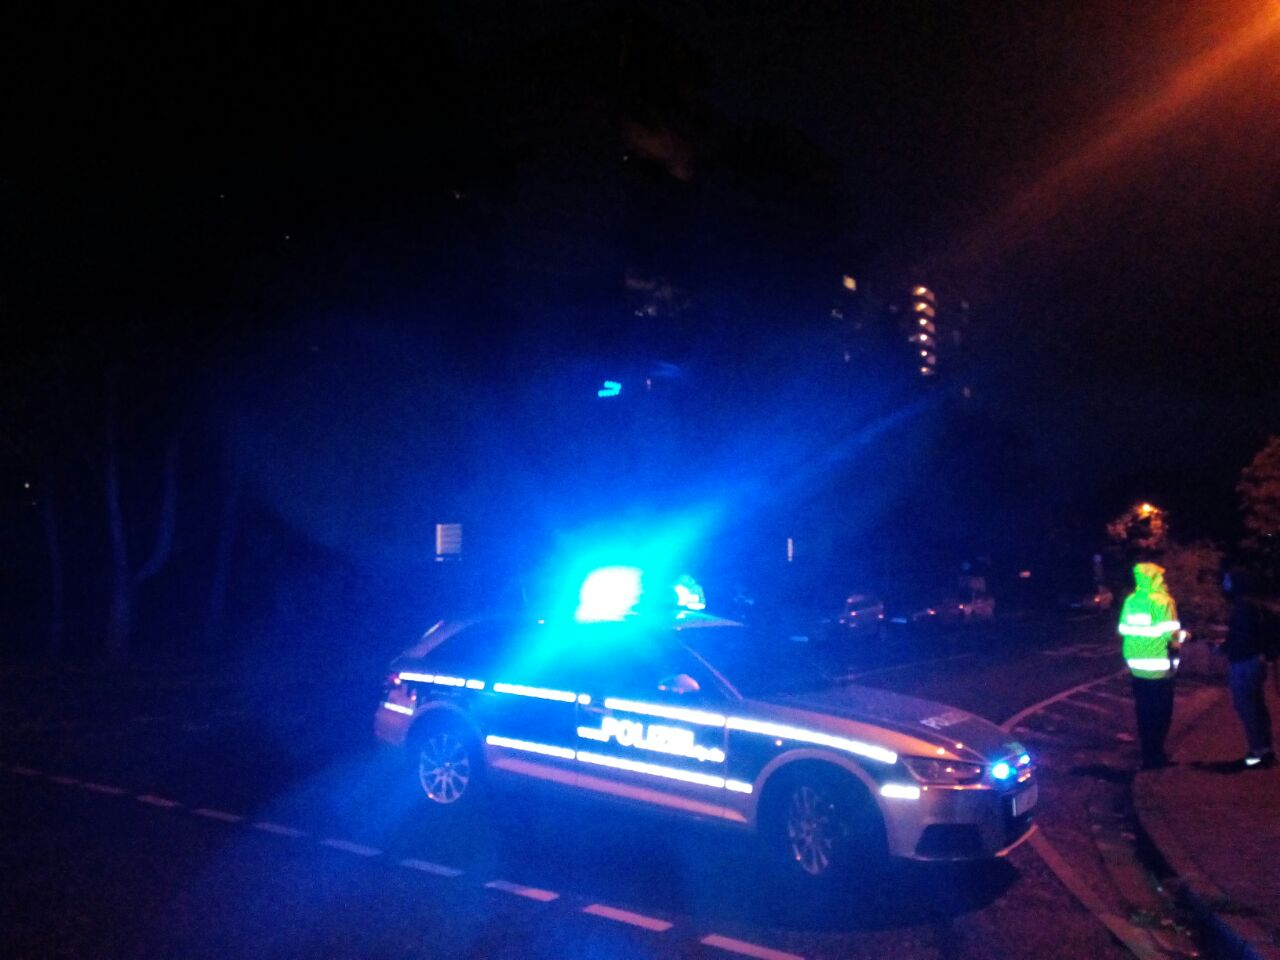 Großer Polizeieinsatz in Mainz-Gonsenheim: Eine Person bei Streitigkeiten leicht verletzt